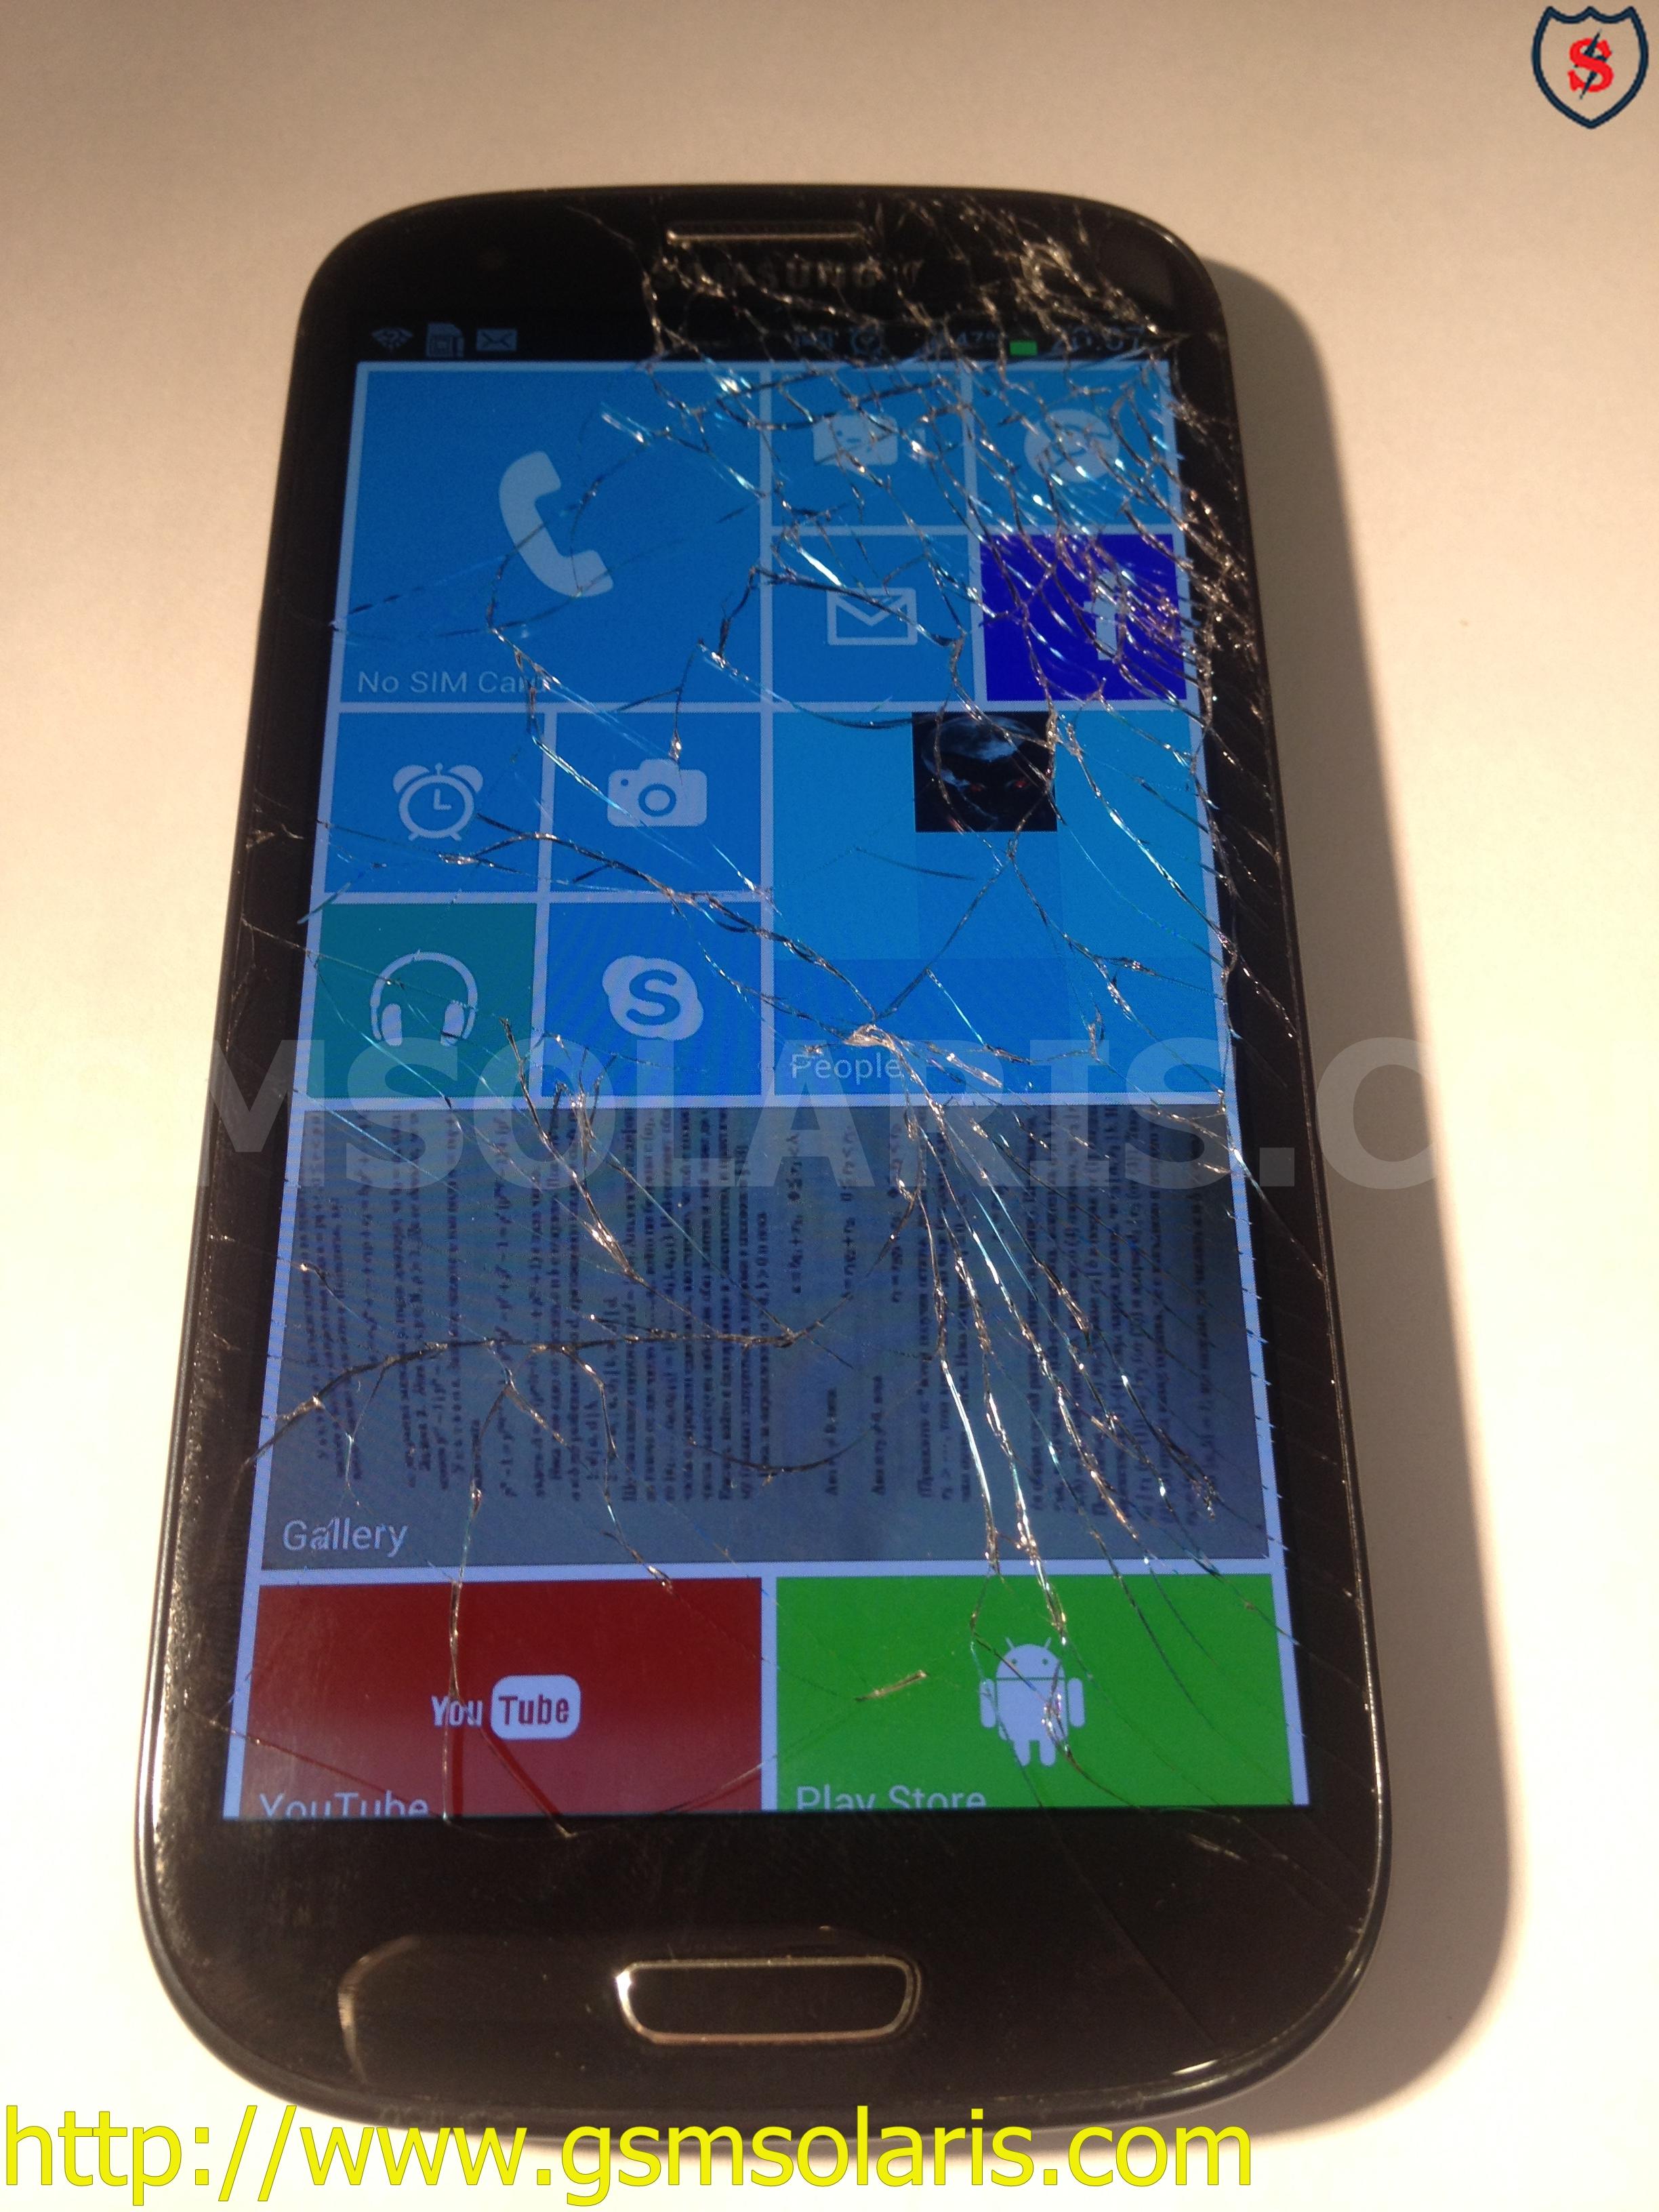 смяна на стъкло и дисплей (61)_new.jpg